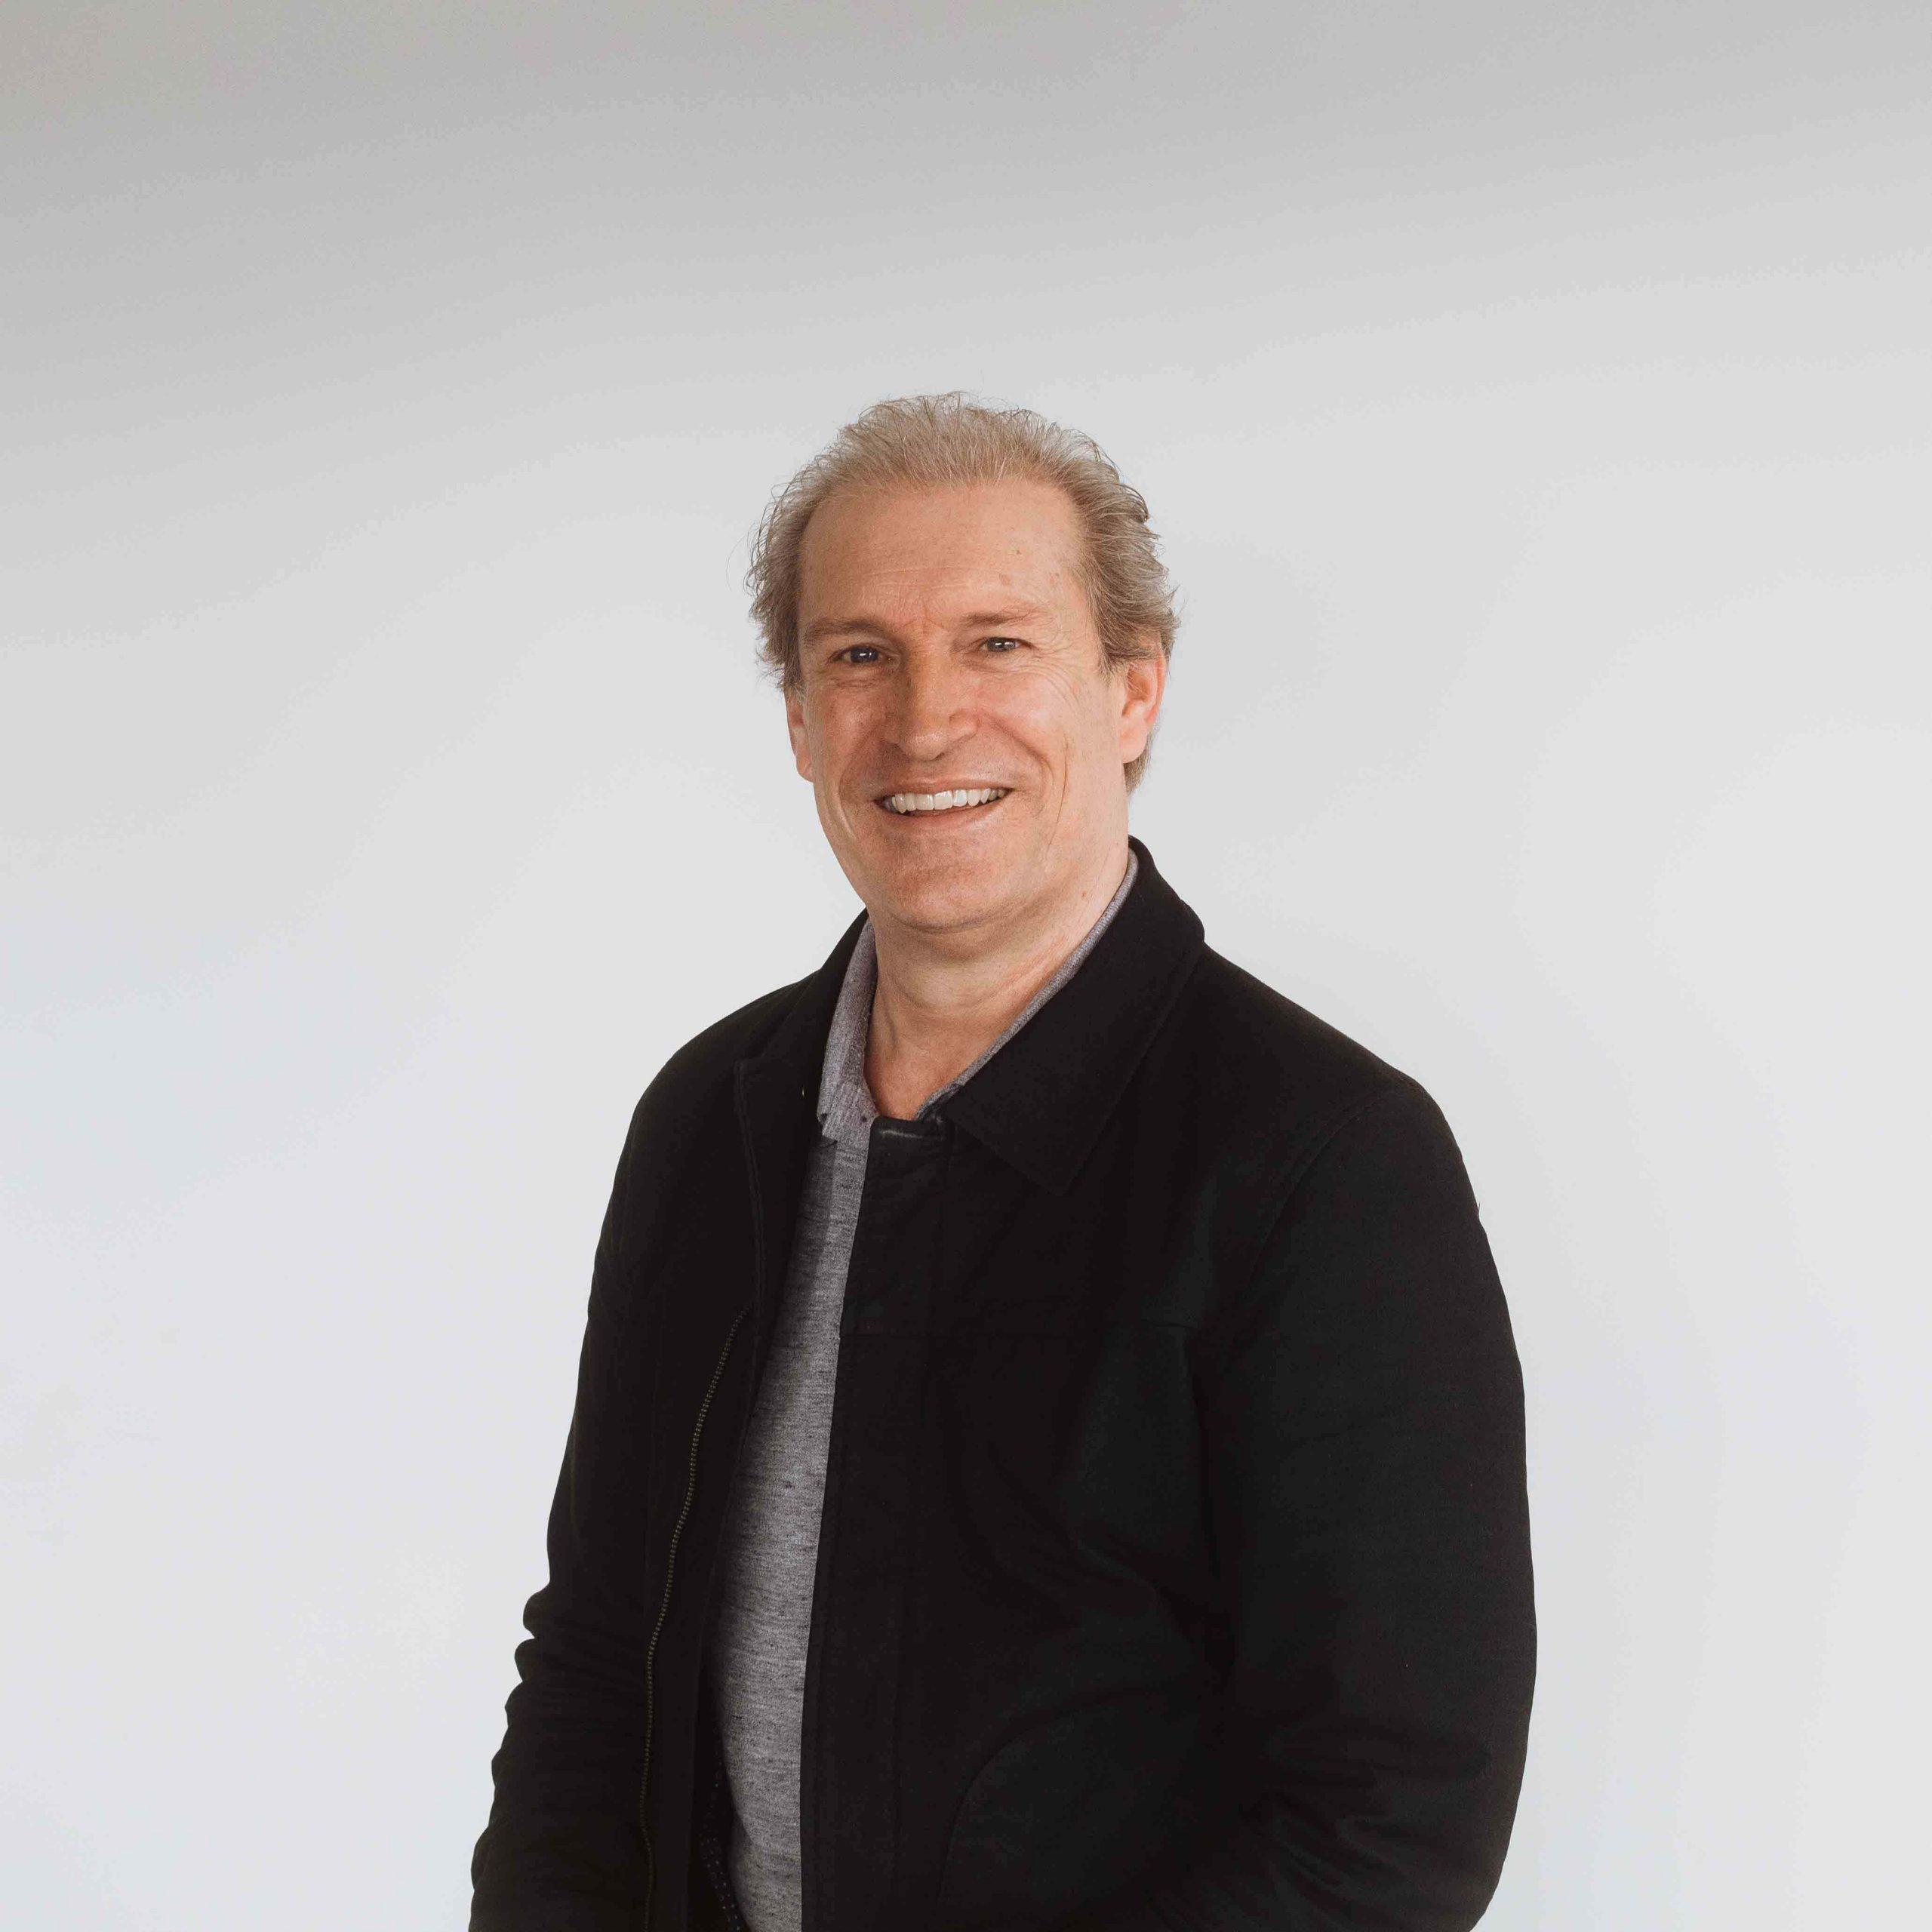 Gideon Hoekendijk